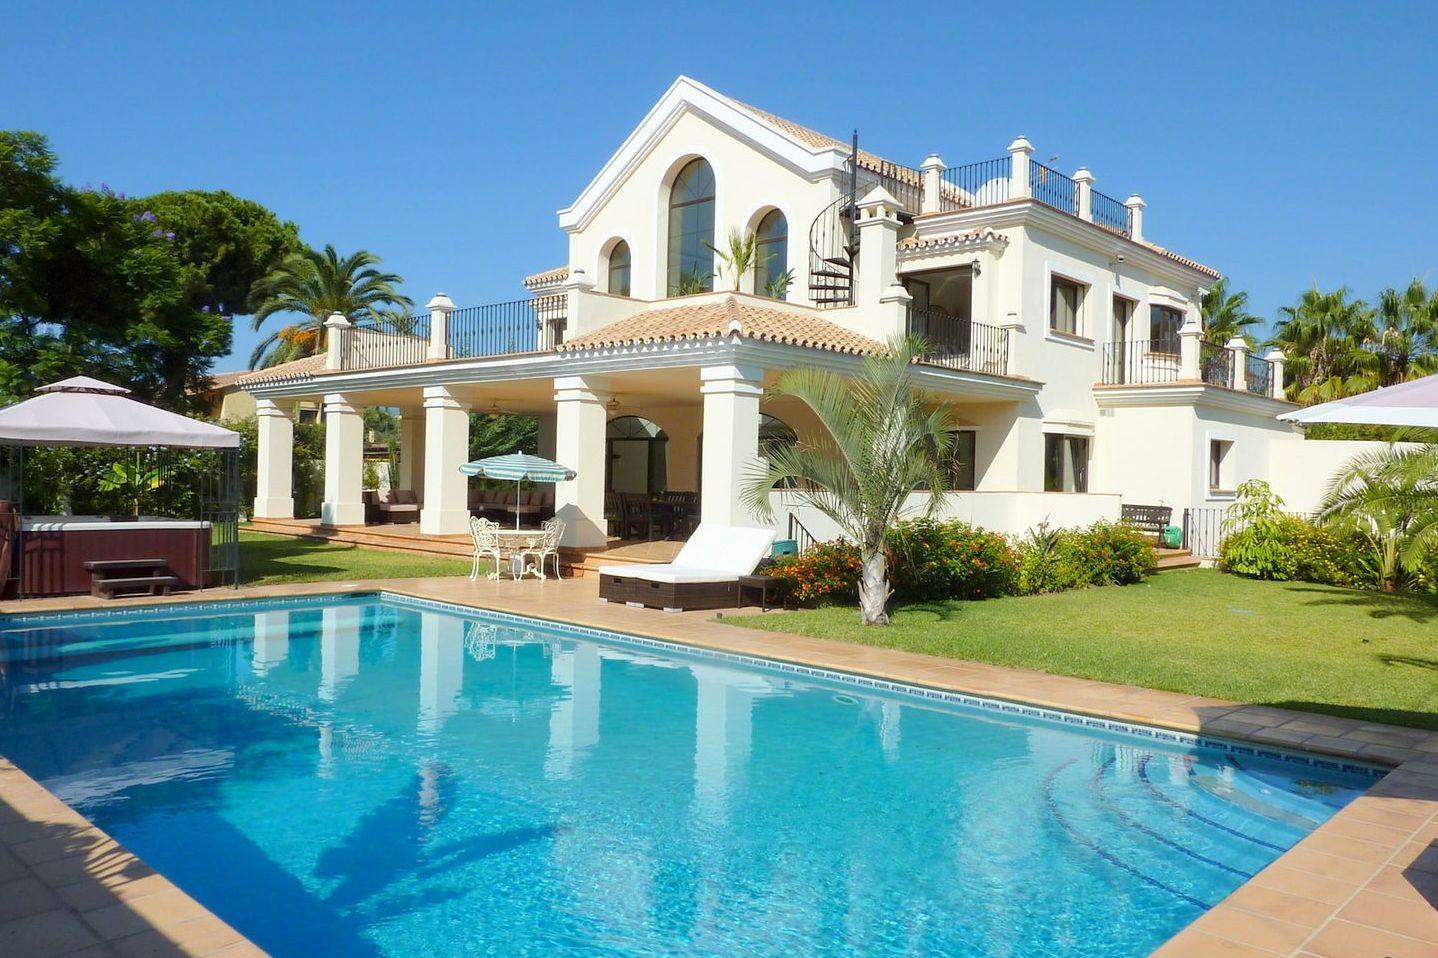 Стоимость дома в испании на берегу моря купить дом на тенерифе недорого